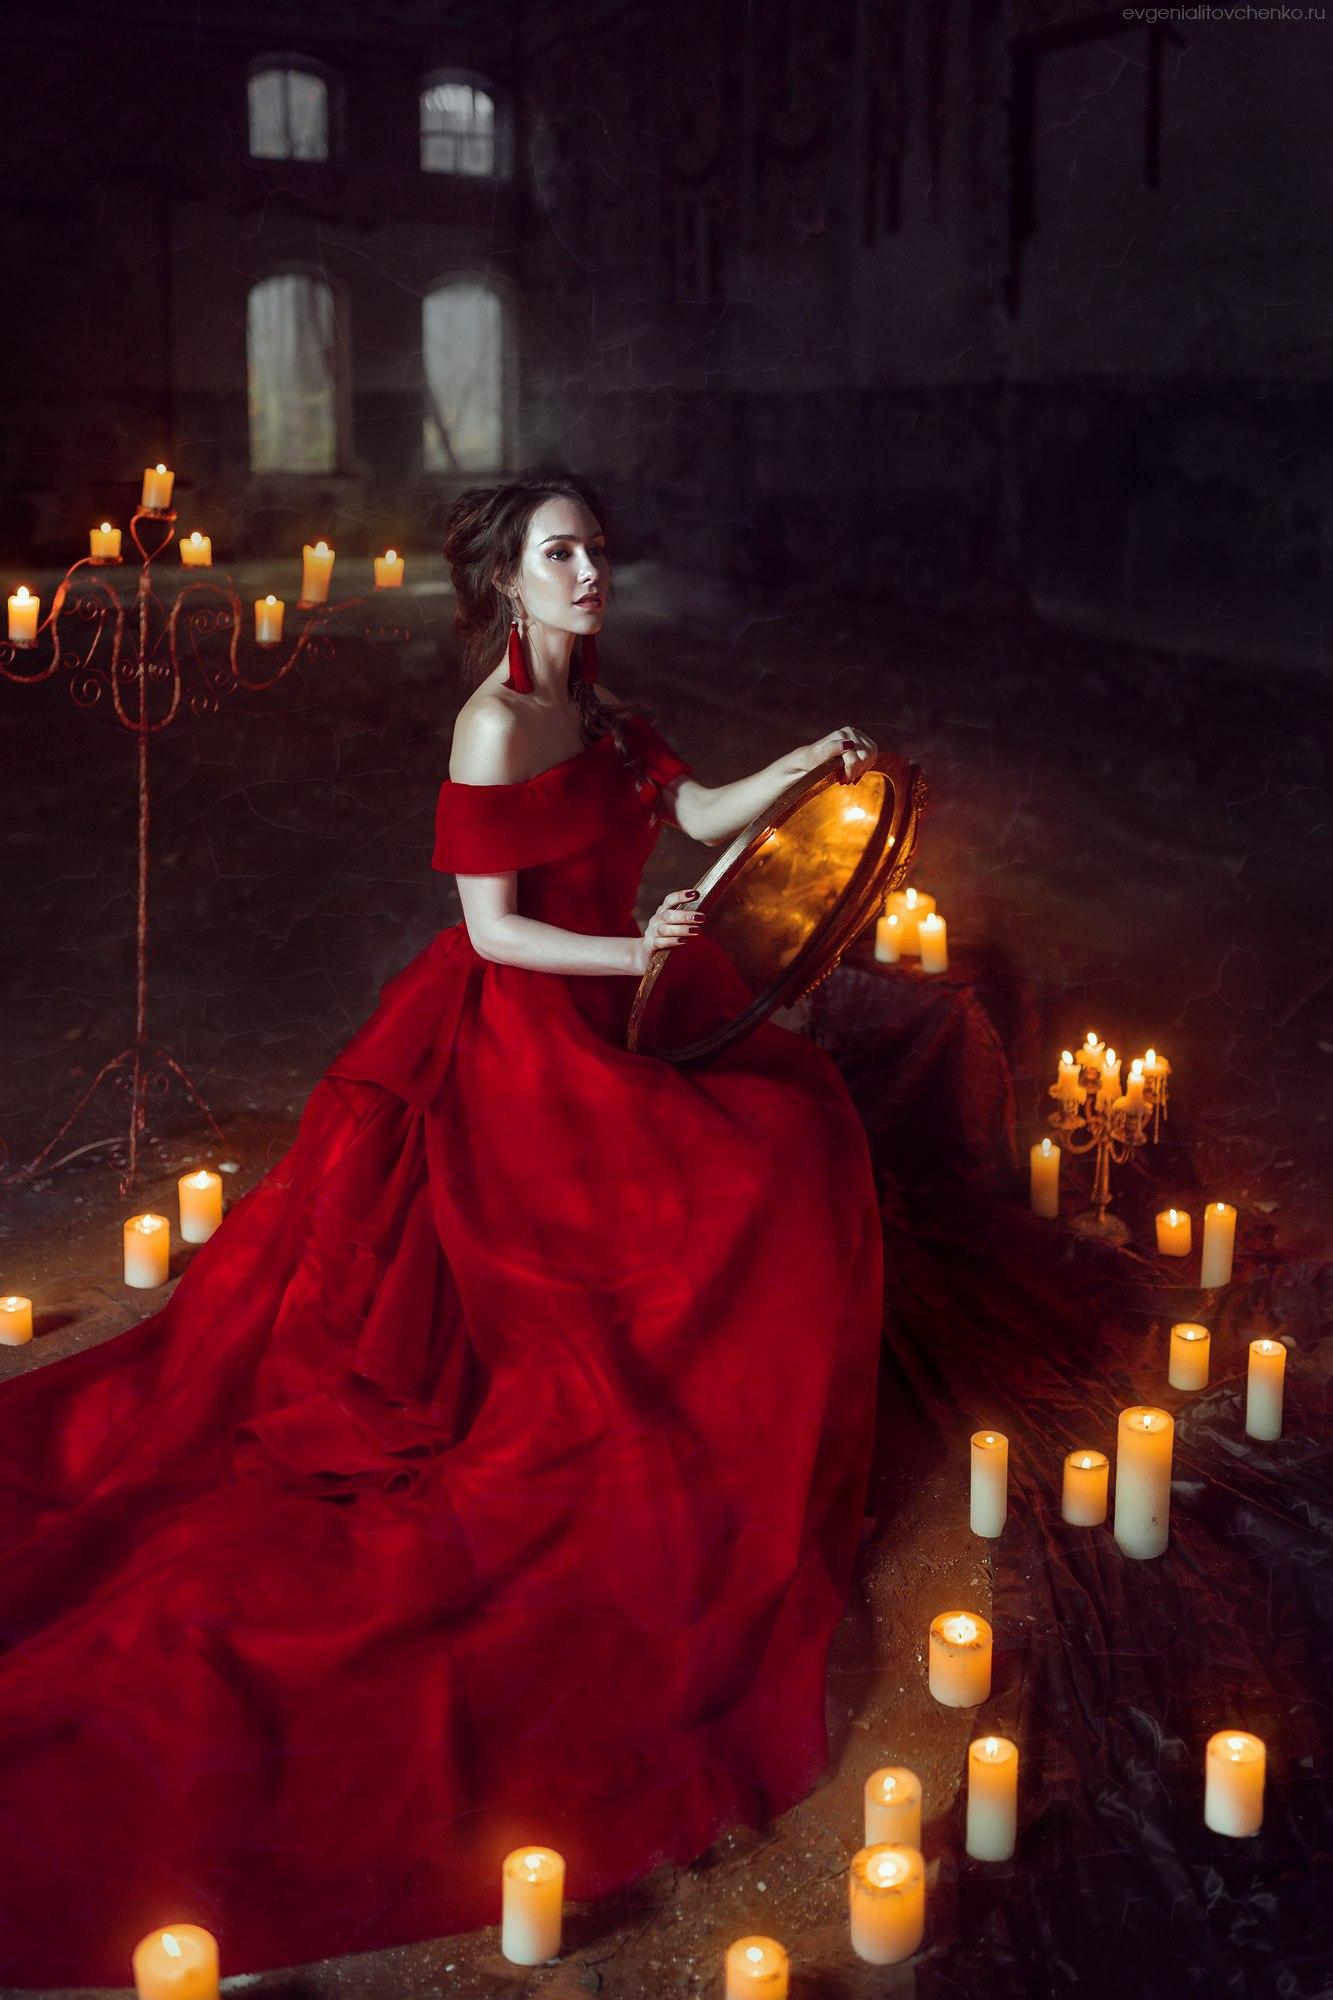 Селфи в зеркало девушка в платье